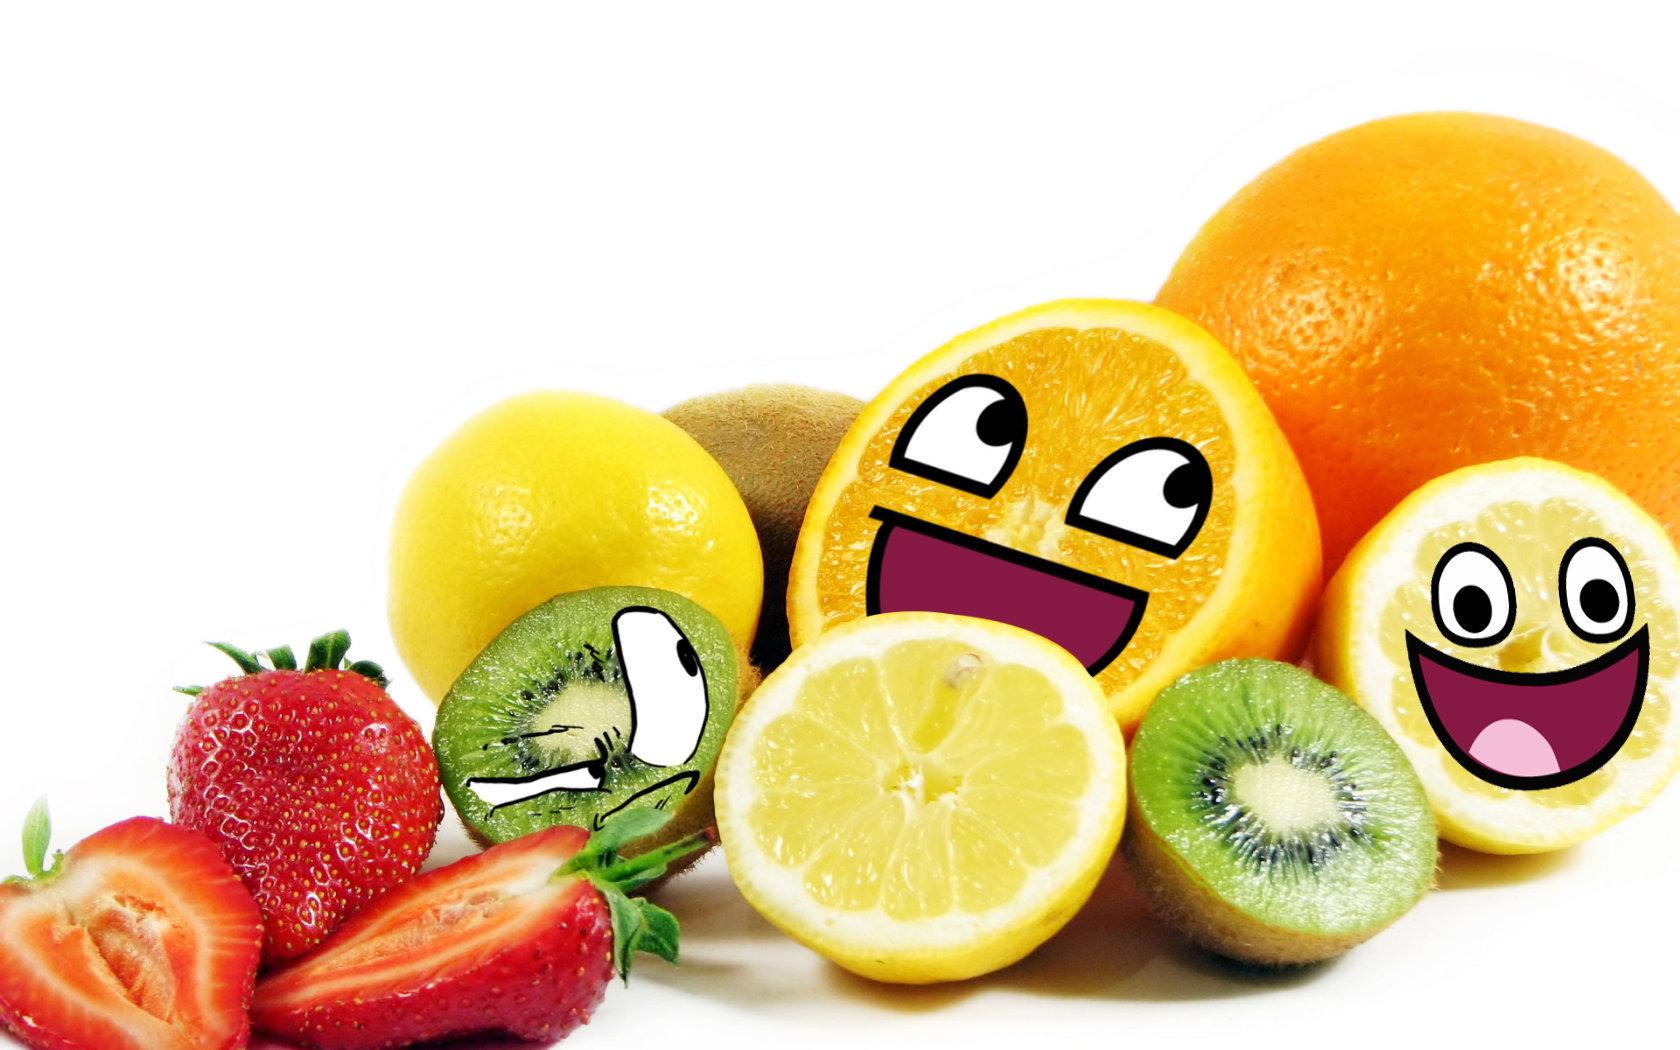 Смешные витаминки картинки, для день рождения